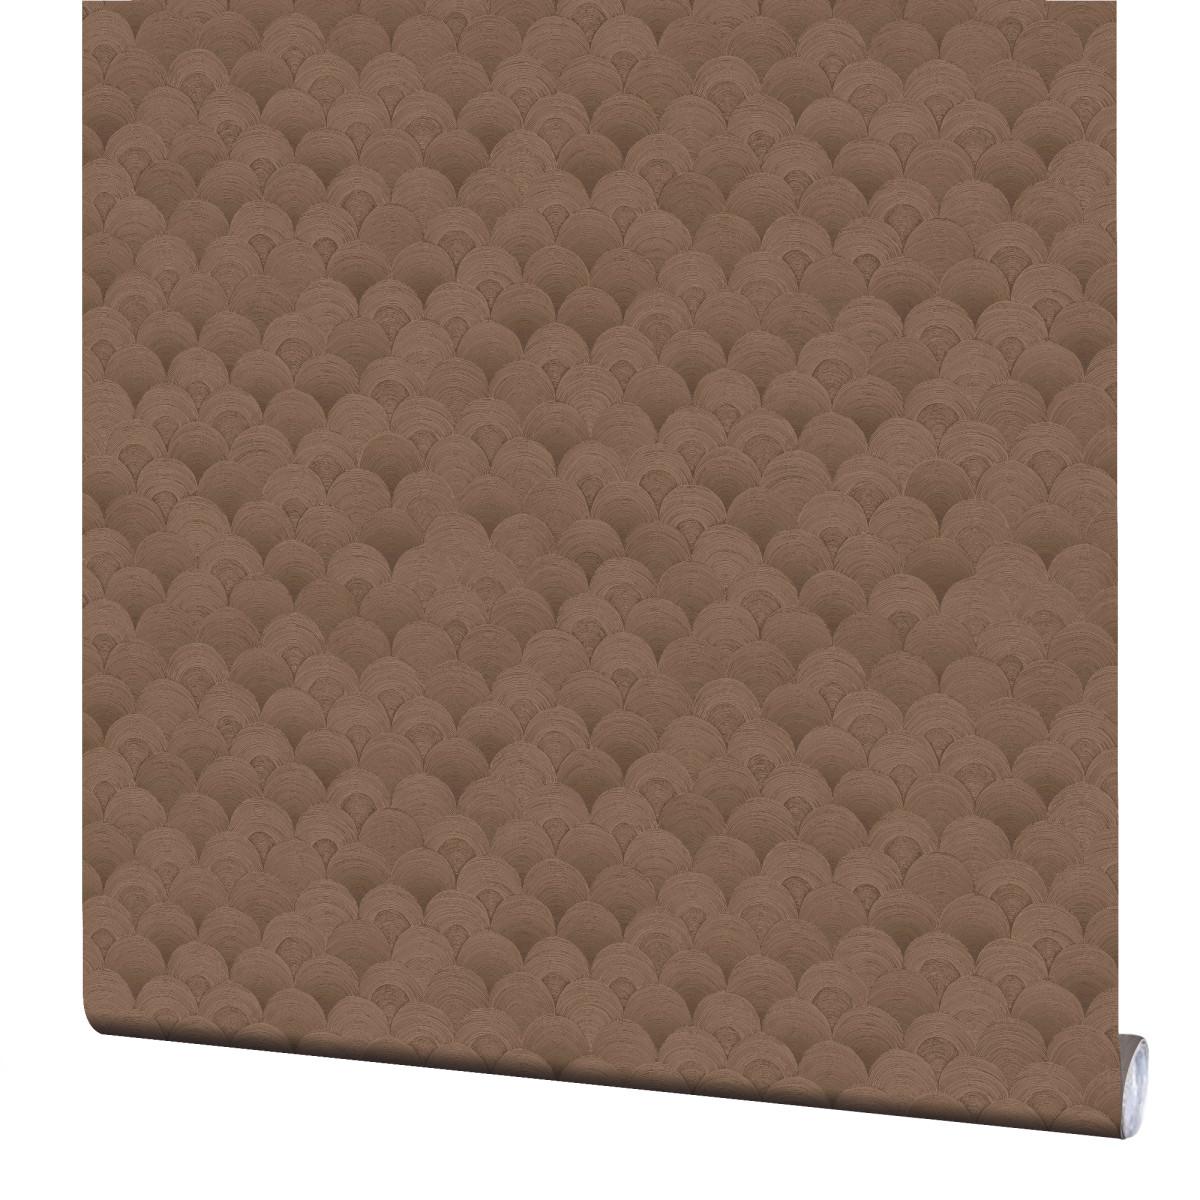 Обои флизелиновые Erismann Elegance коричневые 1.06 м 3601-8